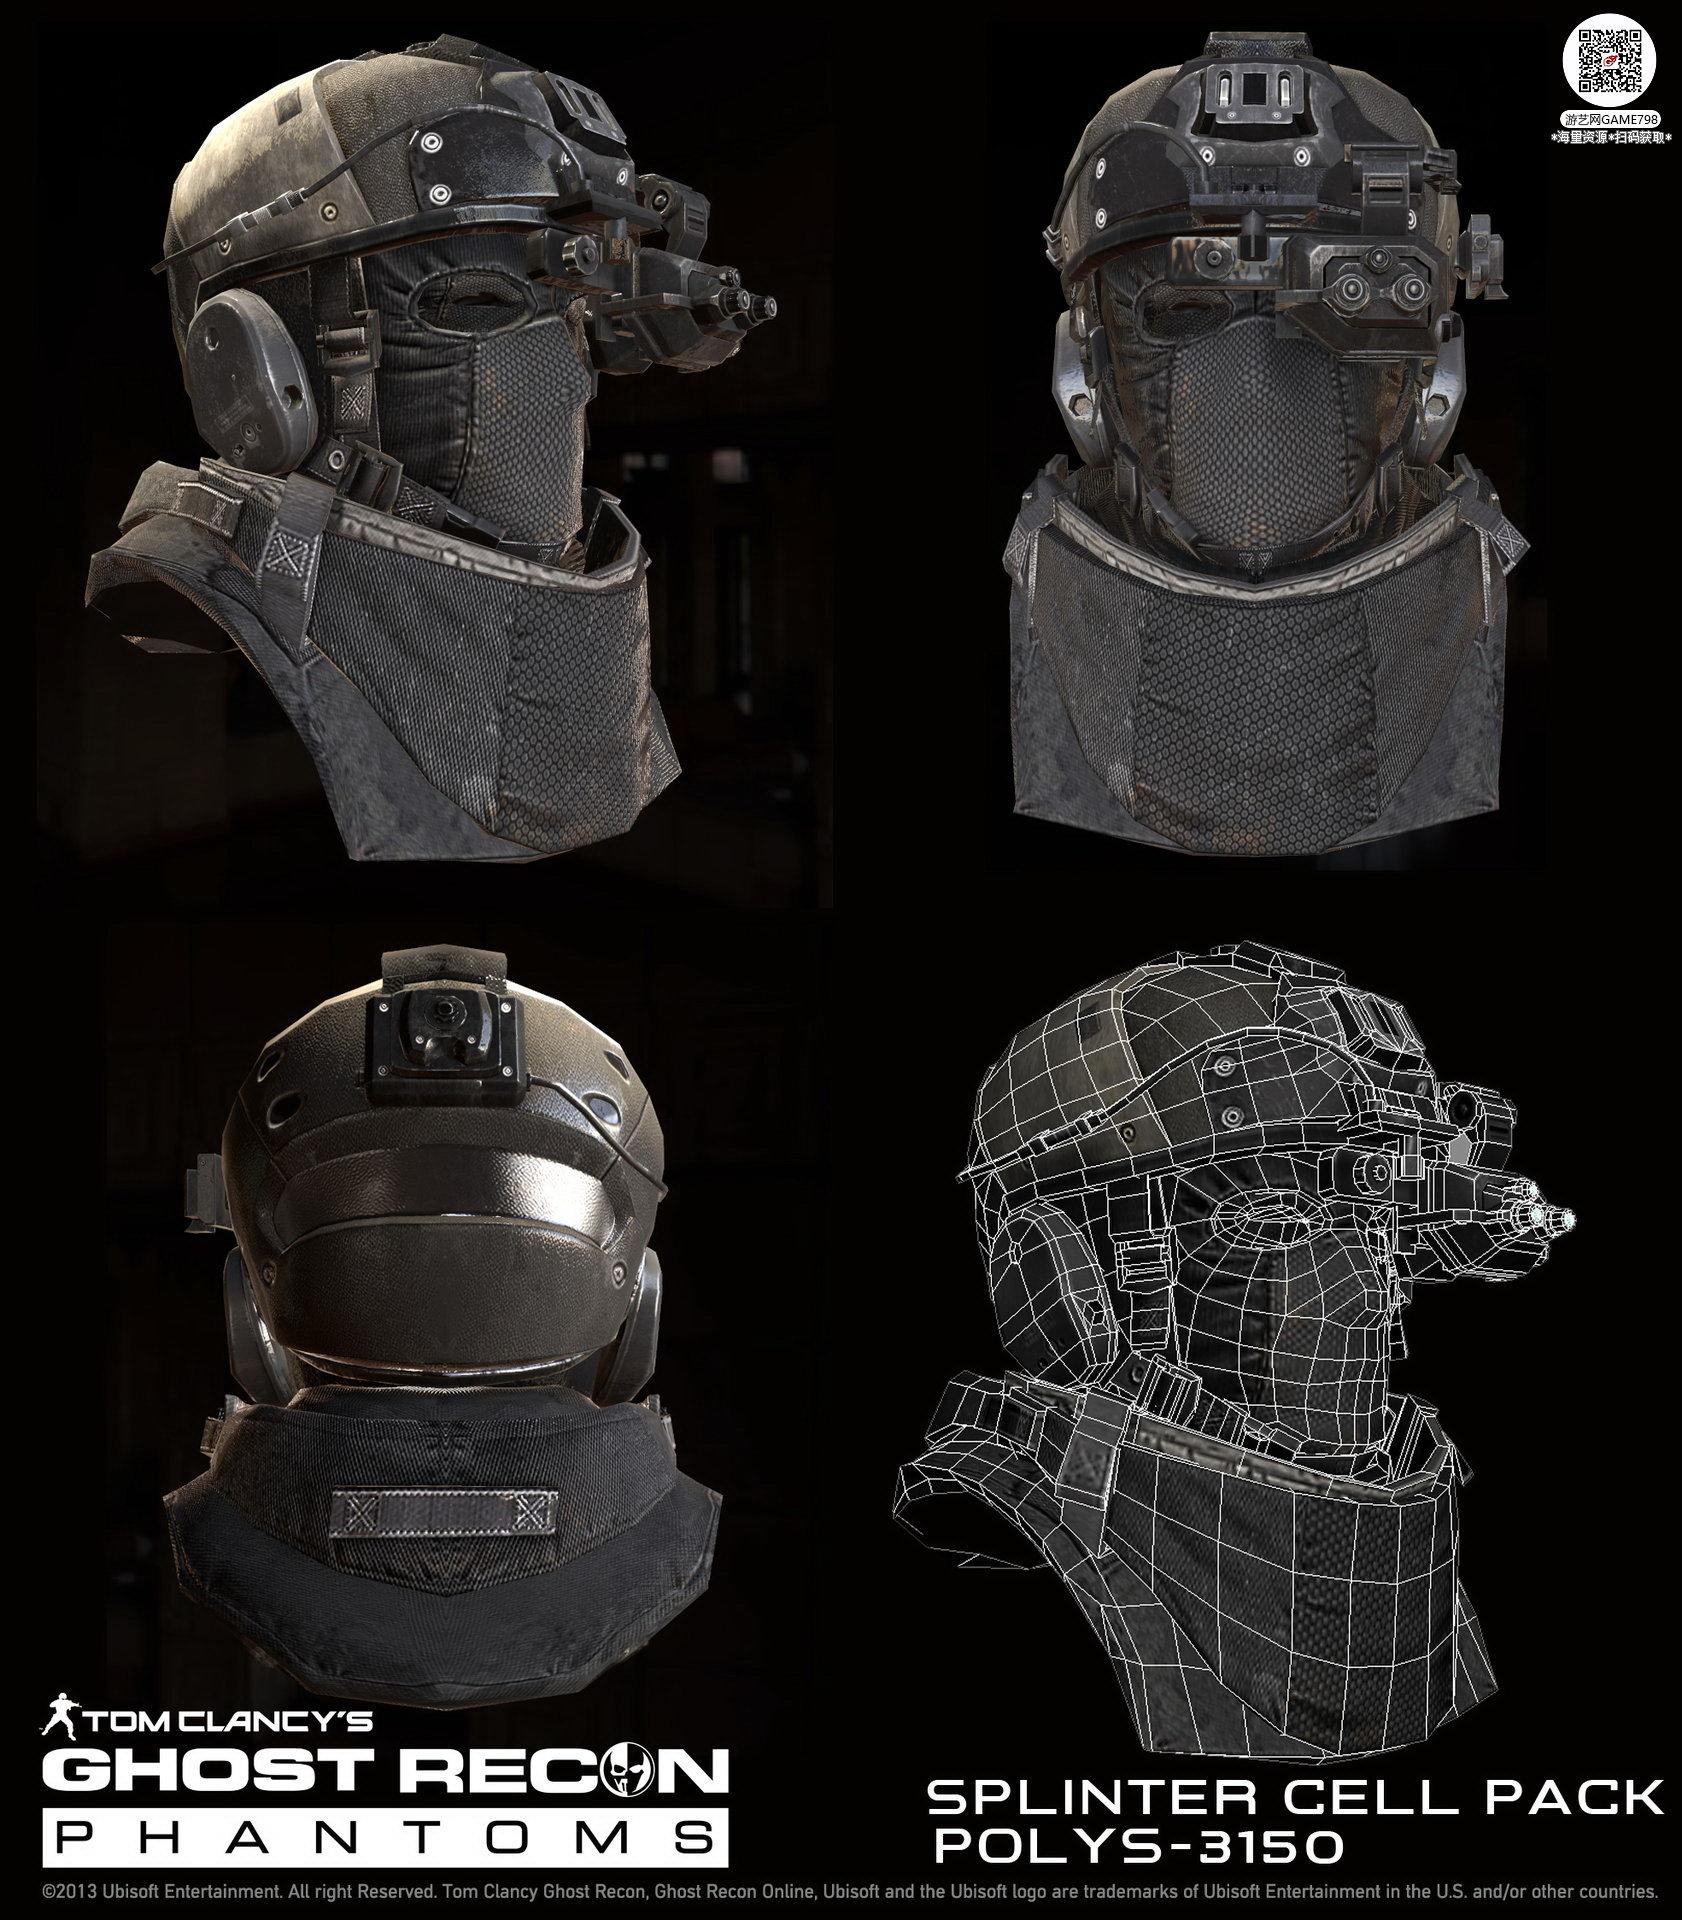 030_关注游艺网公众号获海量资源_幽灵行动未来战士次世代游戏3D模型参考原画概念设定.jpg